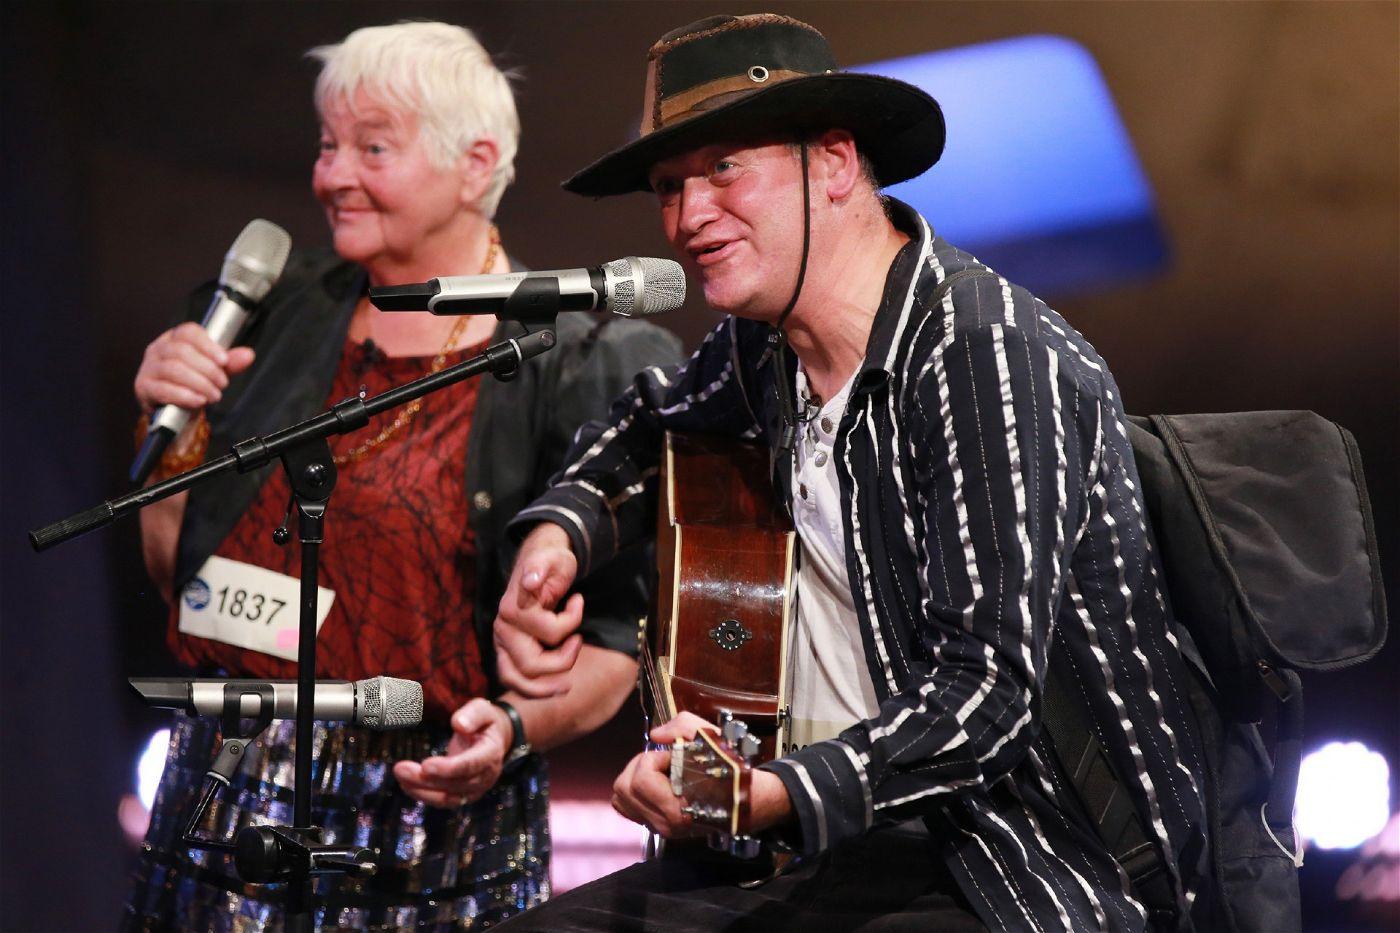 Als Duo treten Thomas Dujmovic und seine Mutter Renate Ritz auf.